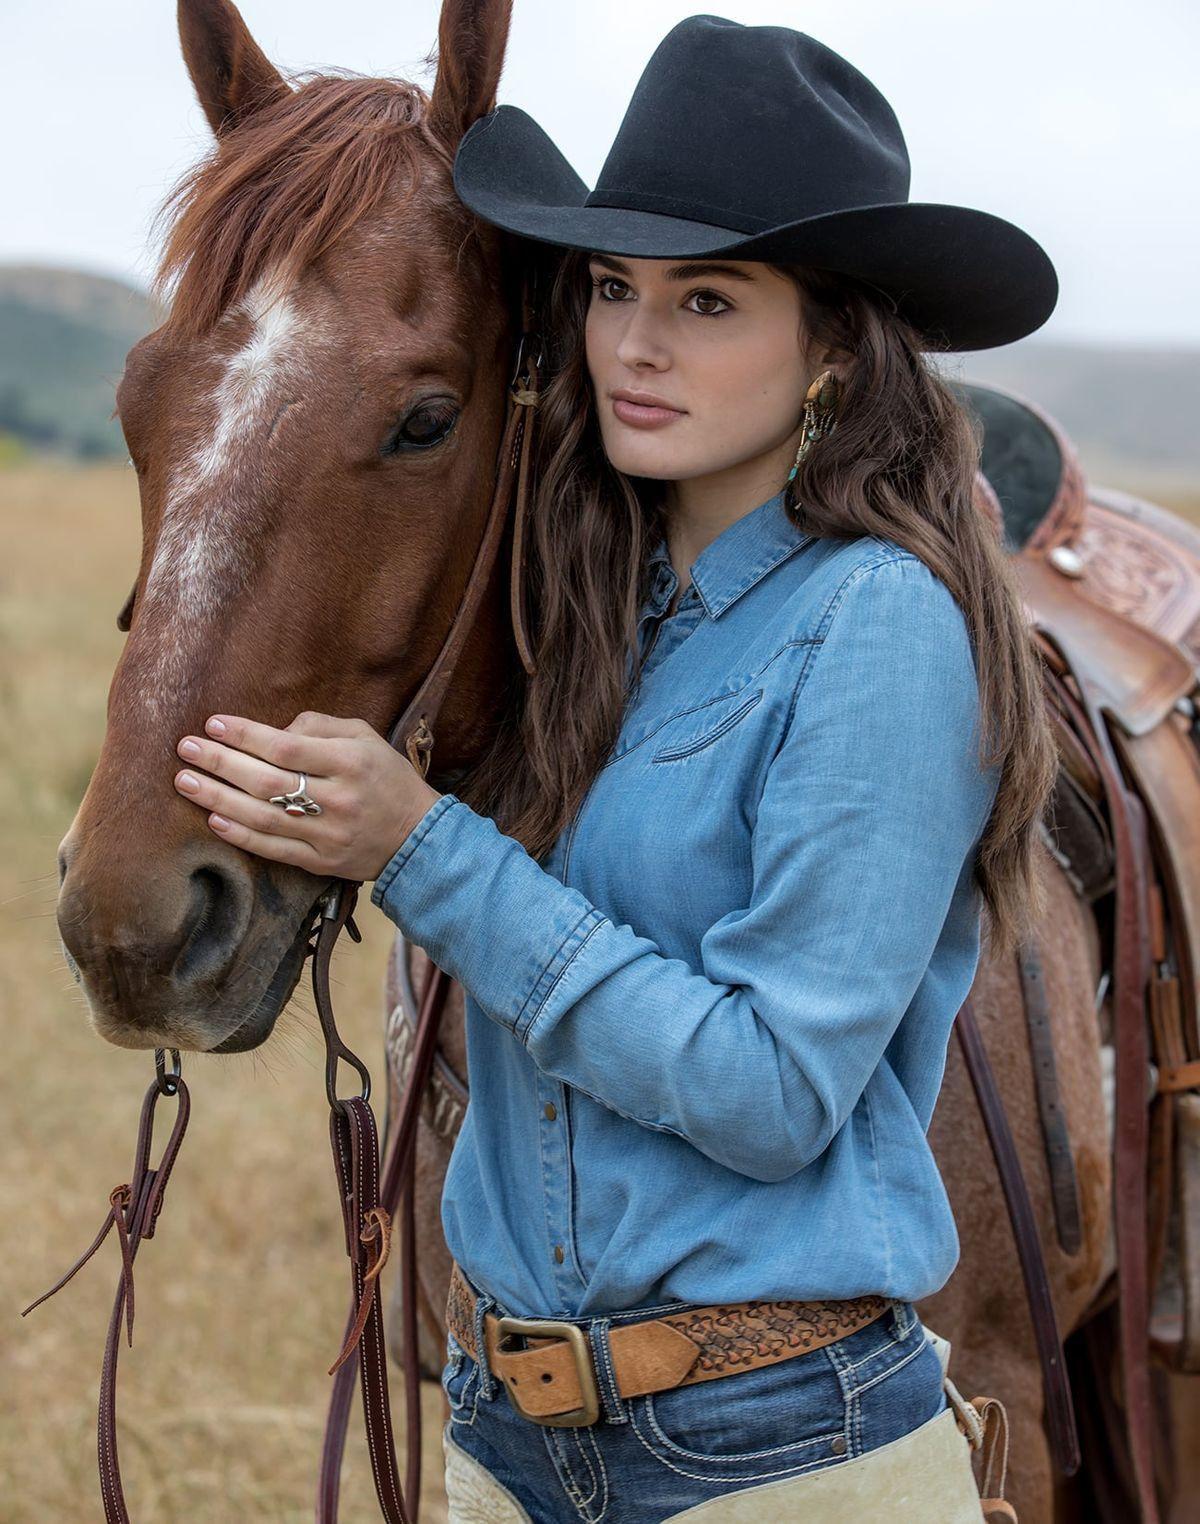 Cowboy cowgirl style porn